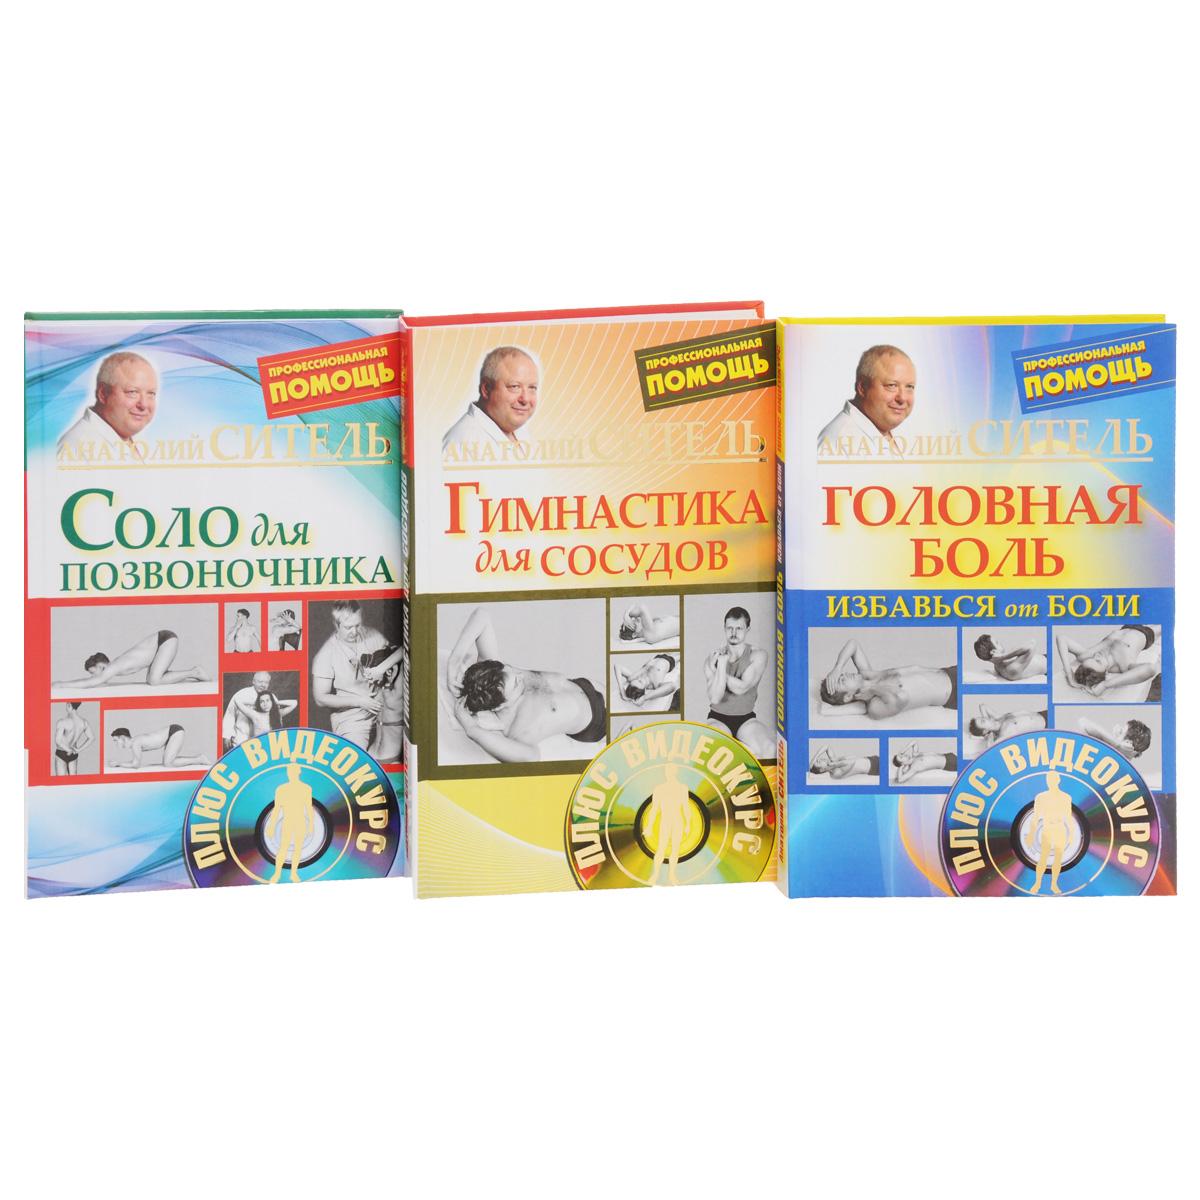 Полный курс оздоровления по методу Анатолия Сителя (комплект из 3 книг + DVD-ROM)